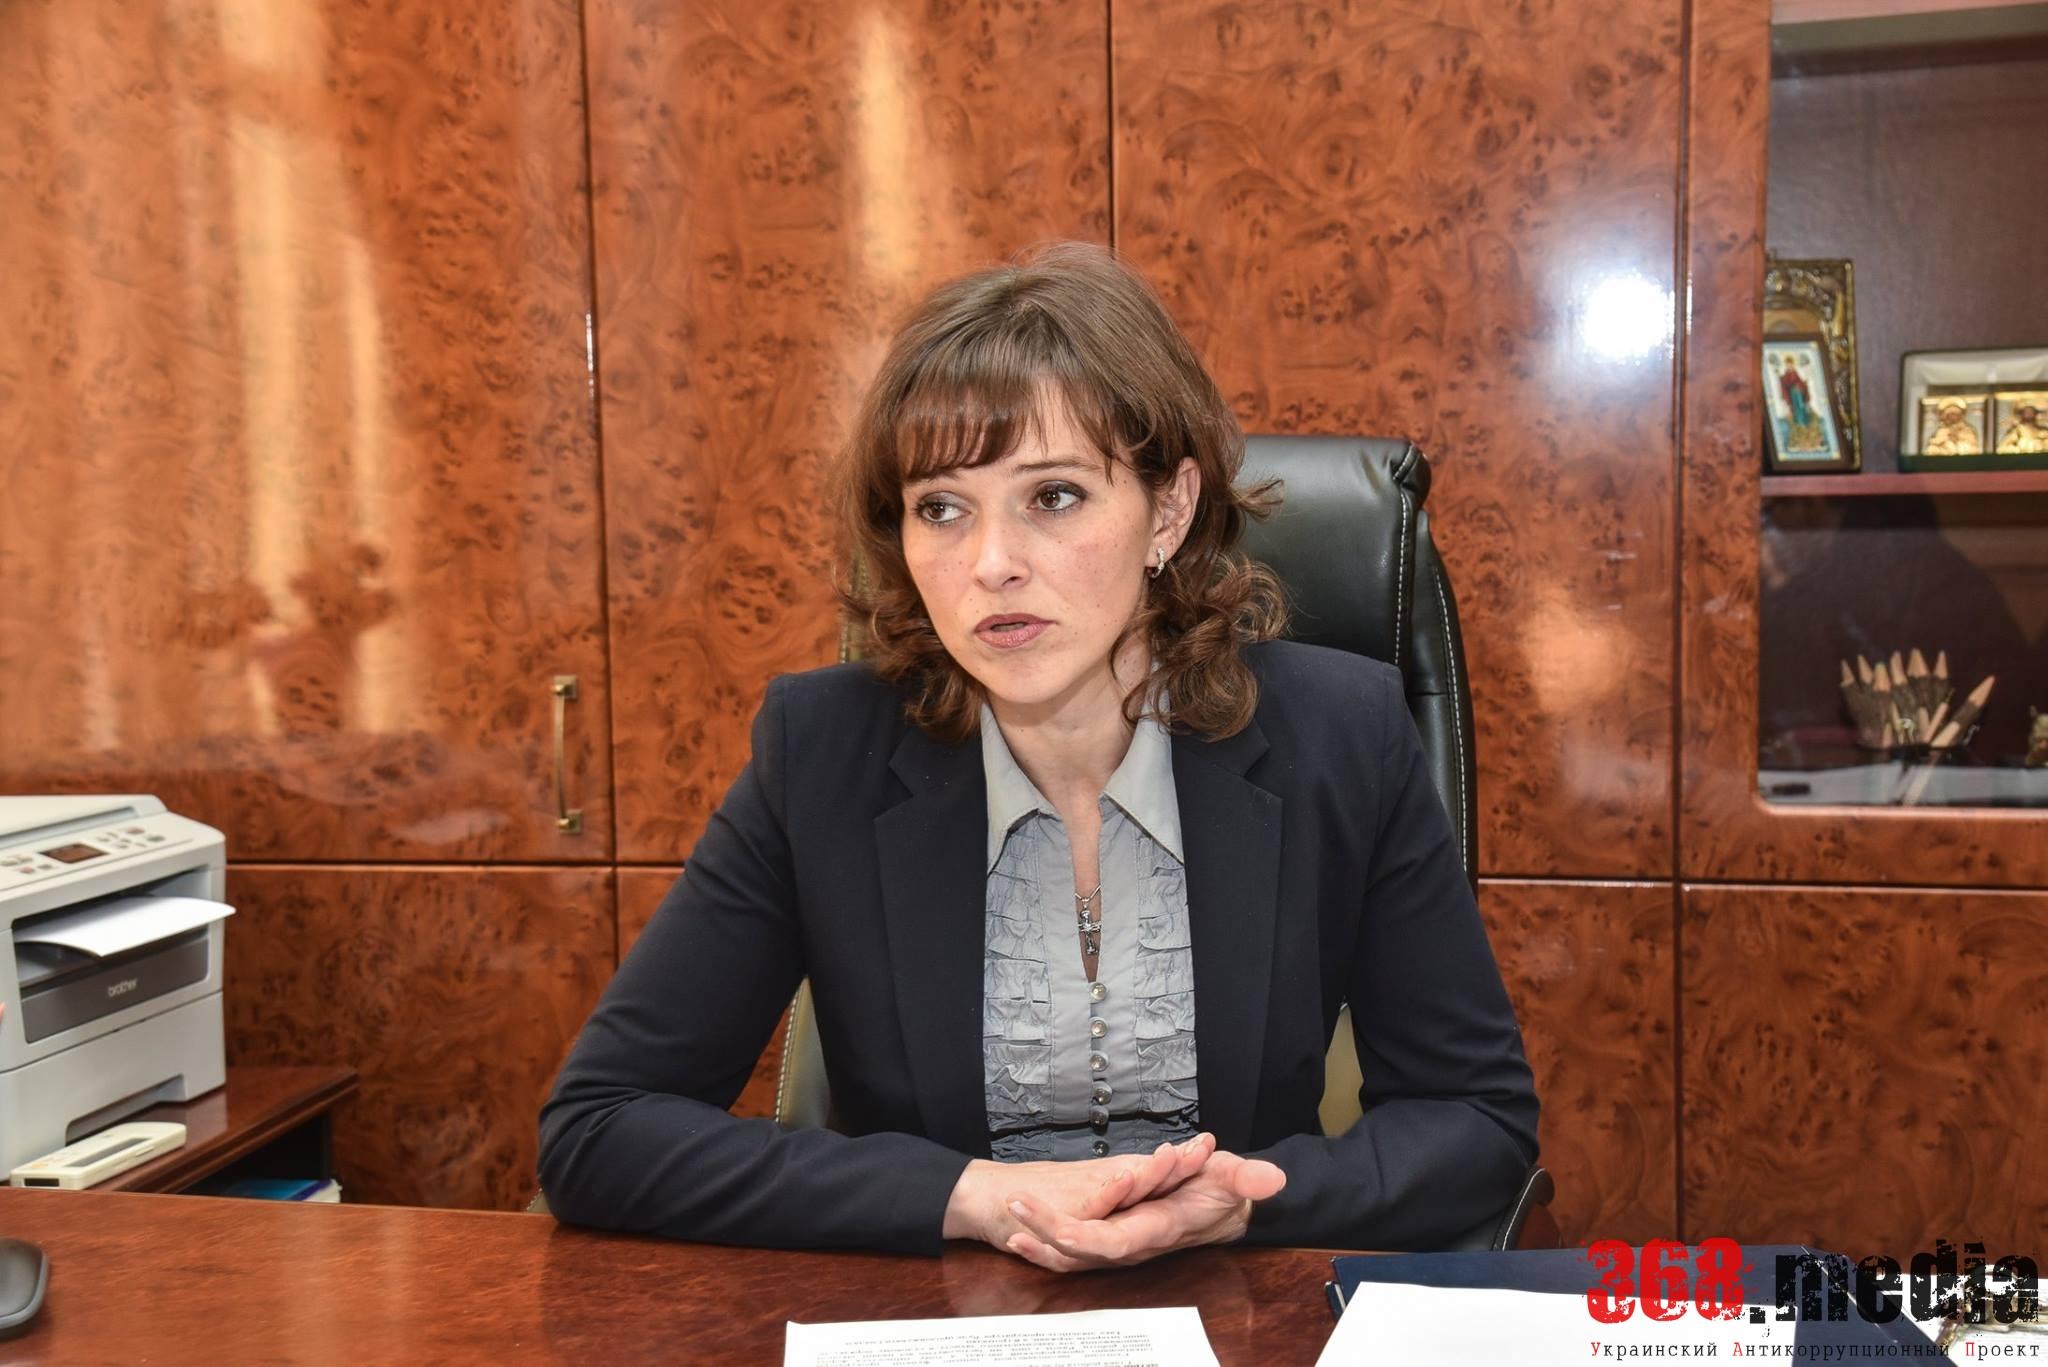 Тетяна Горностаєва розповіла про свої родинні зв'язки з Генпрокурором Шокіним